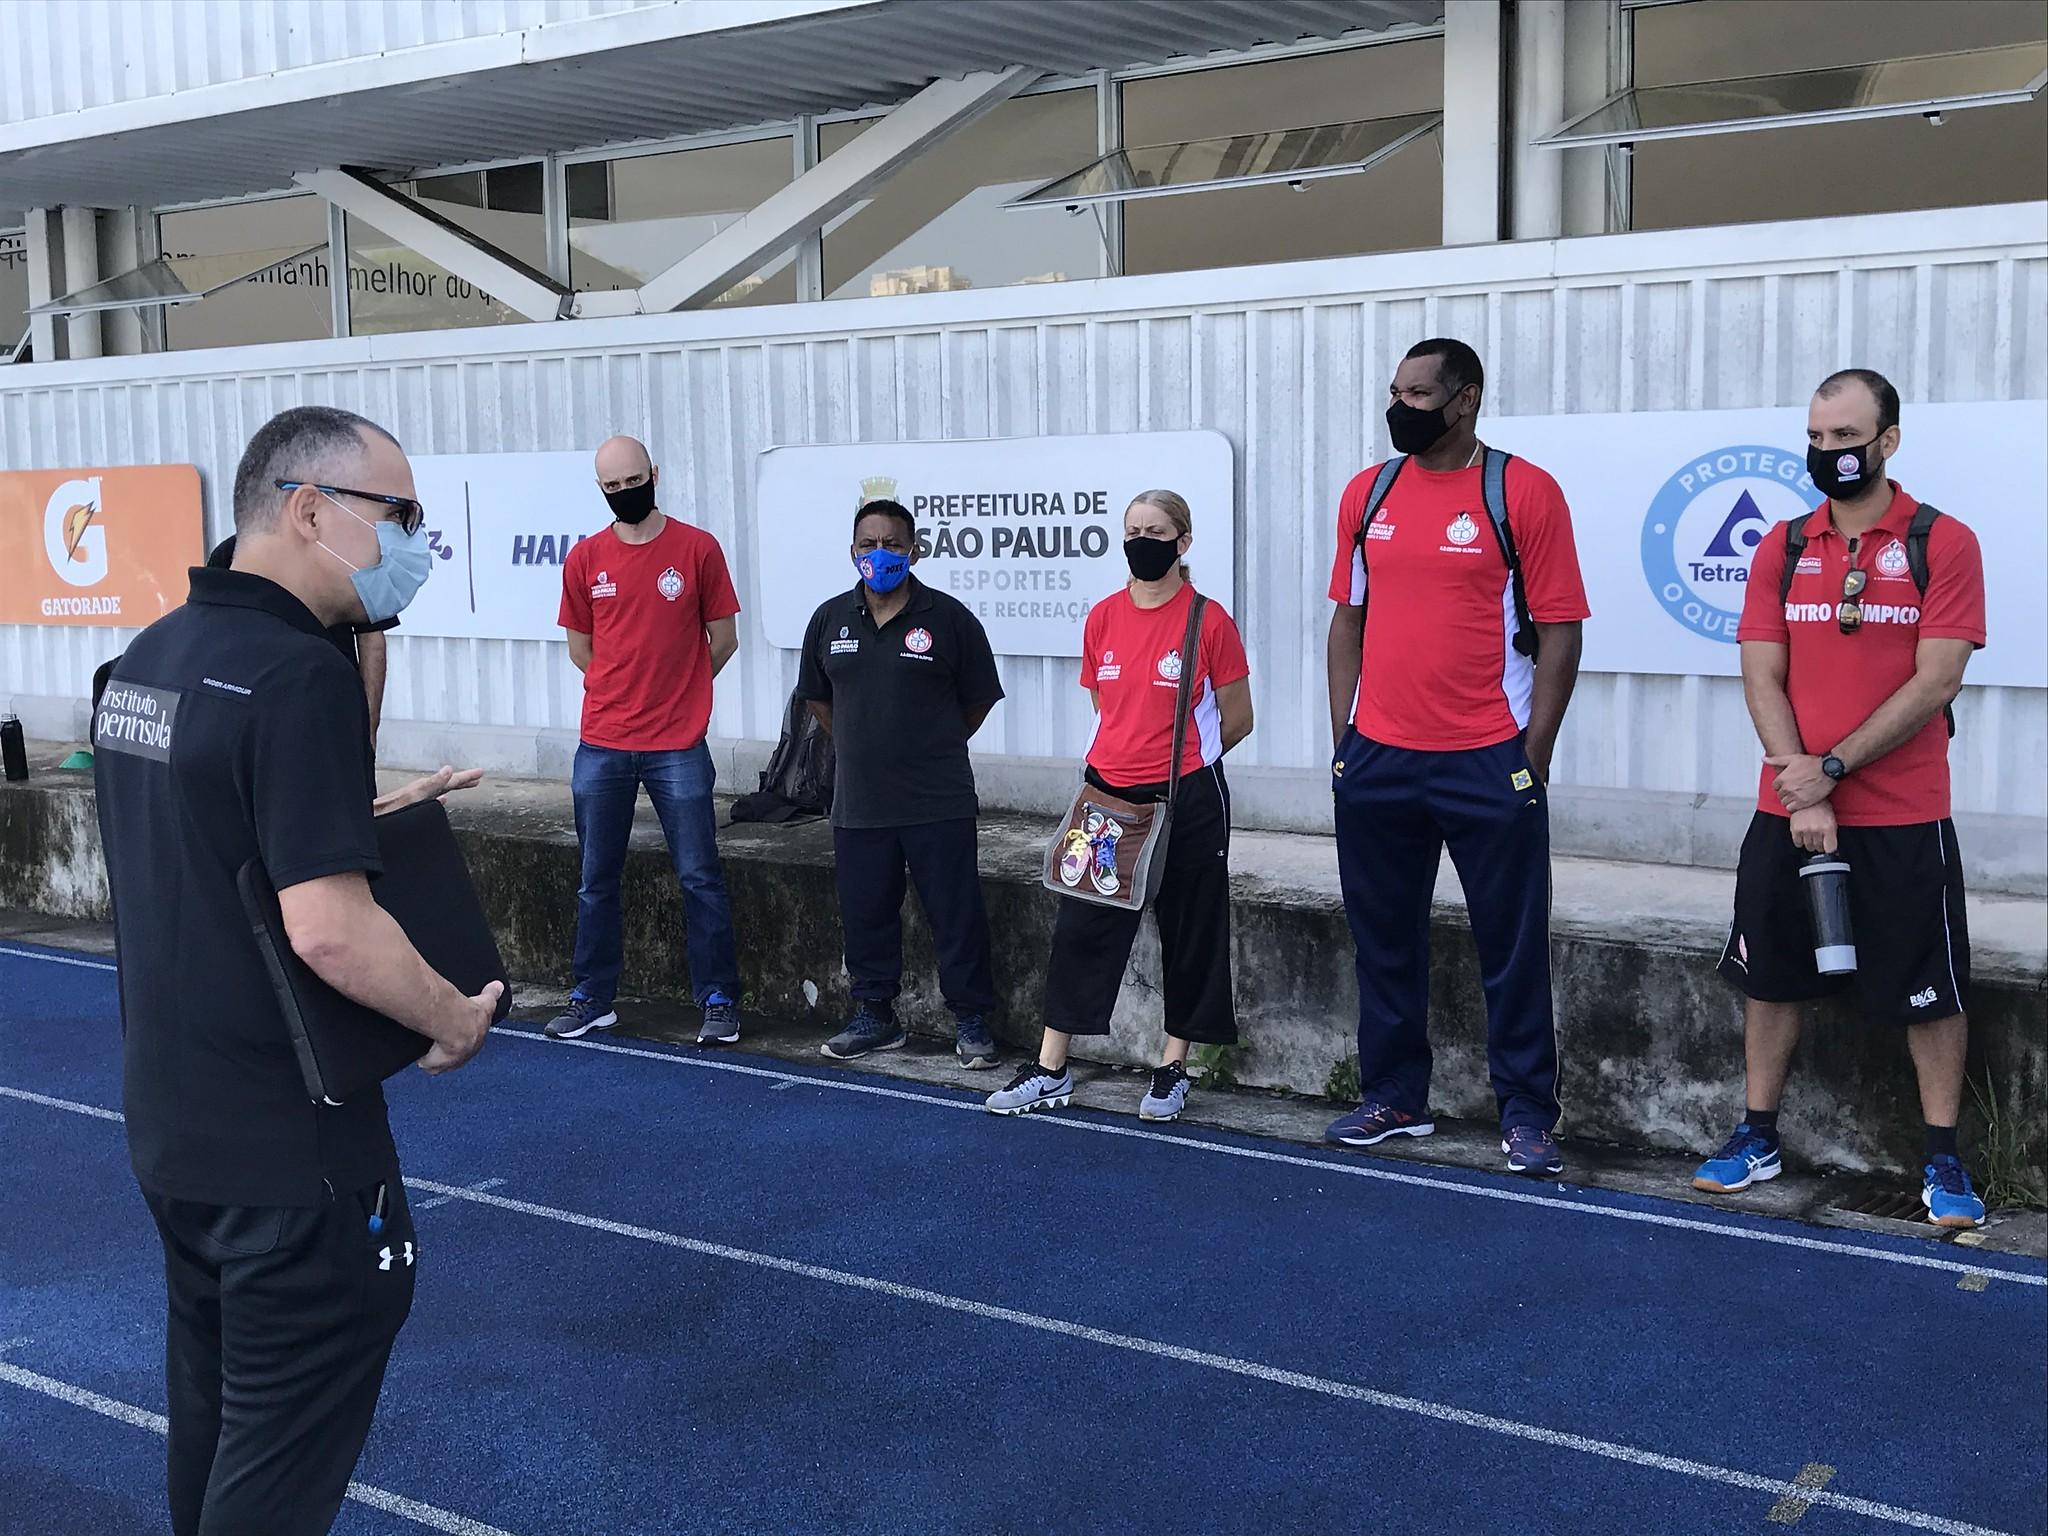 NAR recebe profissionais do Centro Olímpico de Treinamento e Pesquisa